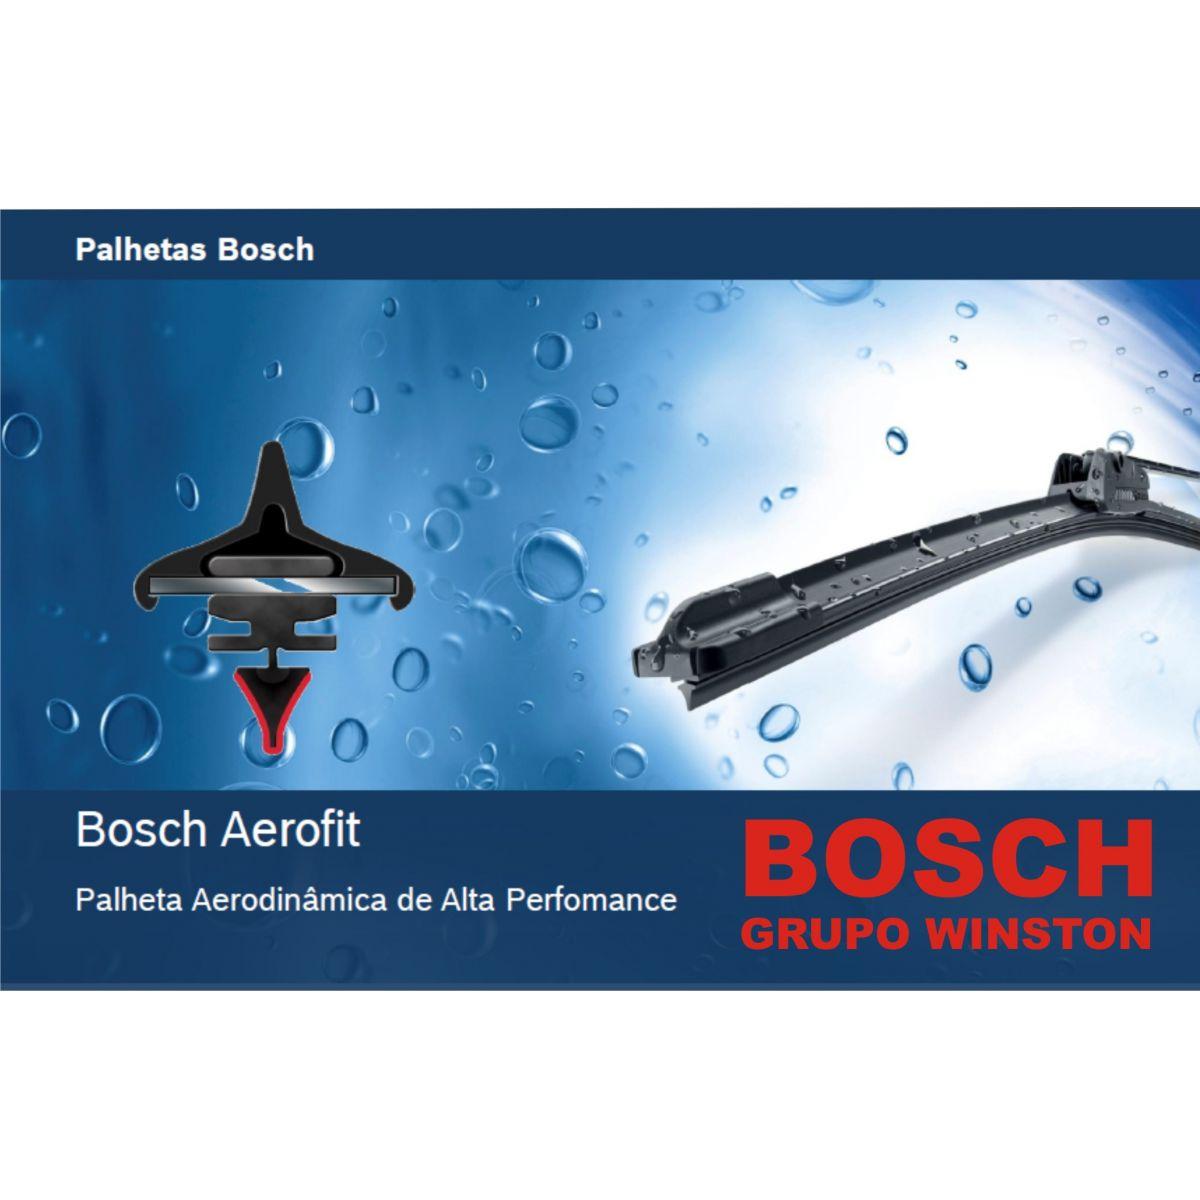 Palheta Bosch Aerofit Limpador de para brisa Bosch VOLVO XC70 I